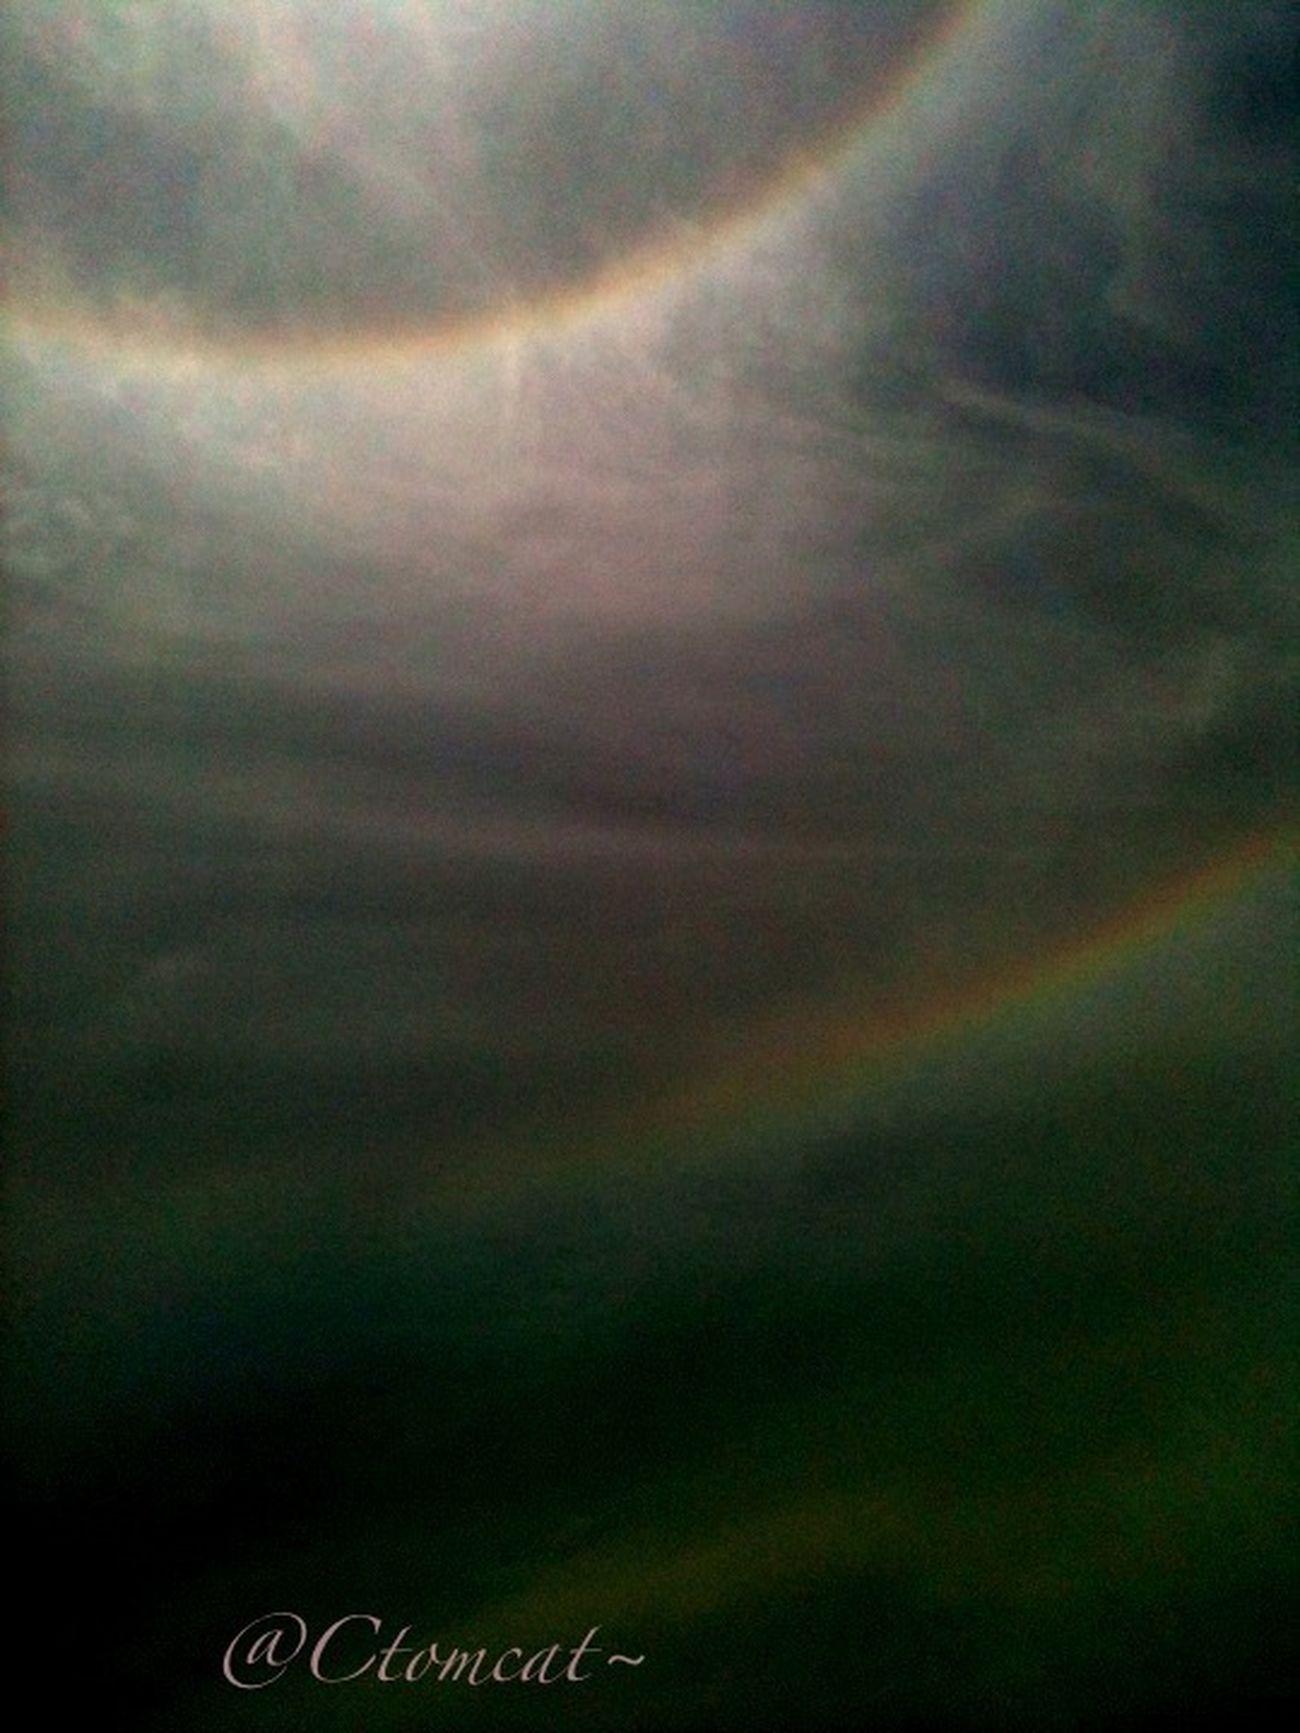 Double rainbow orb around sun